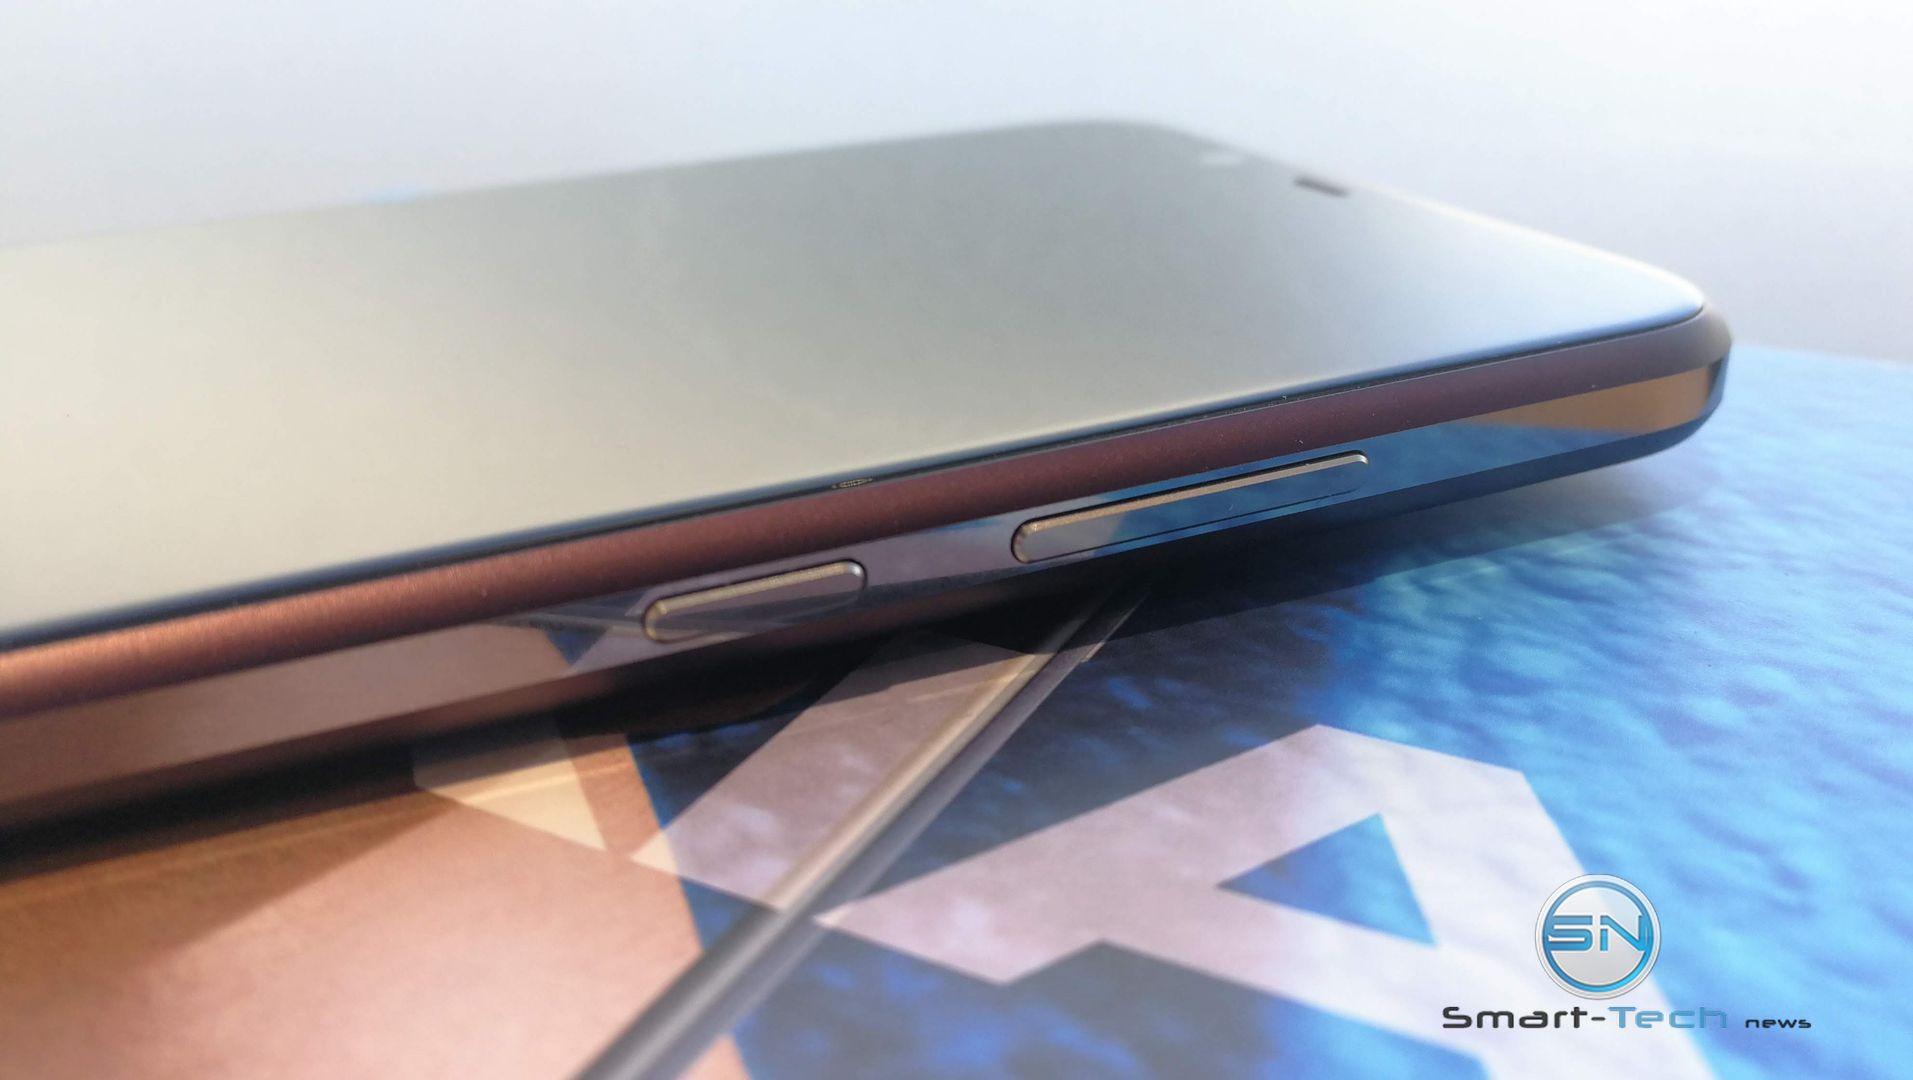 Schalter und Wippen - Nokia 8_1 - SmartTechNews